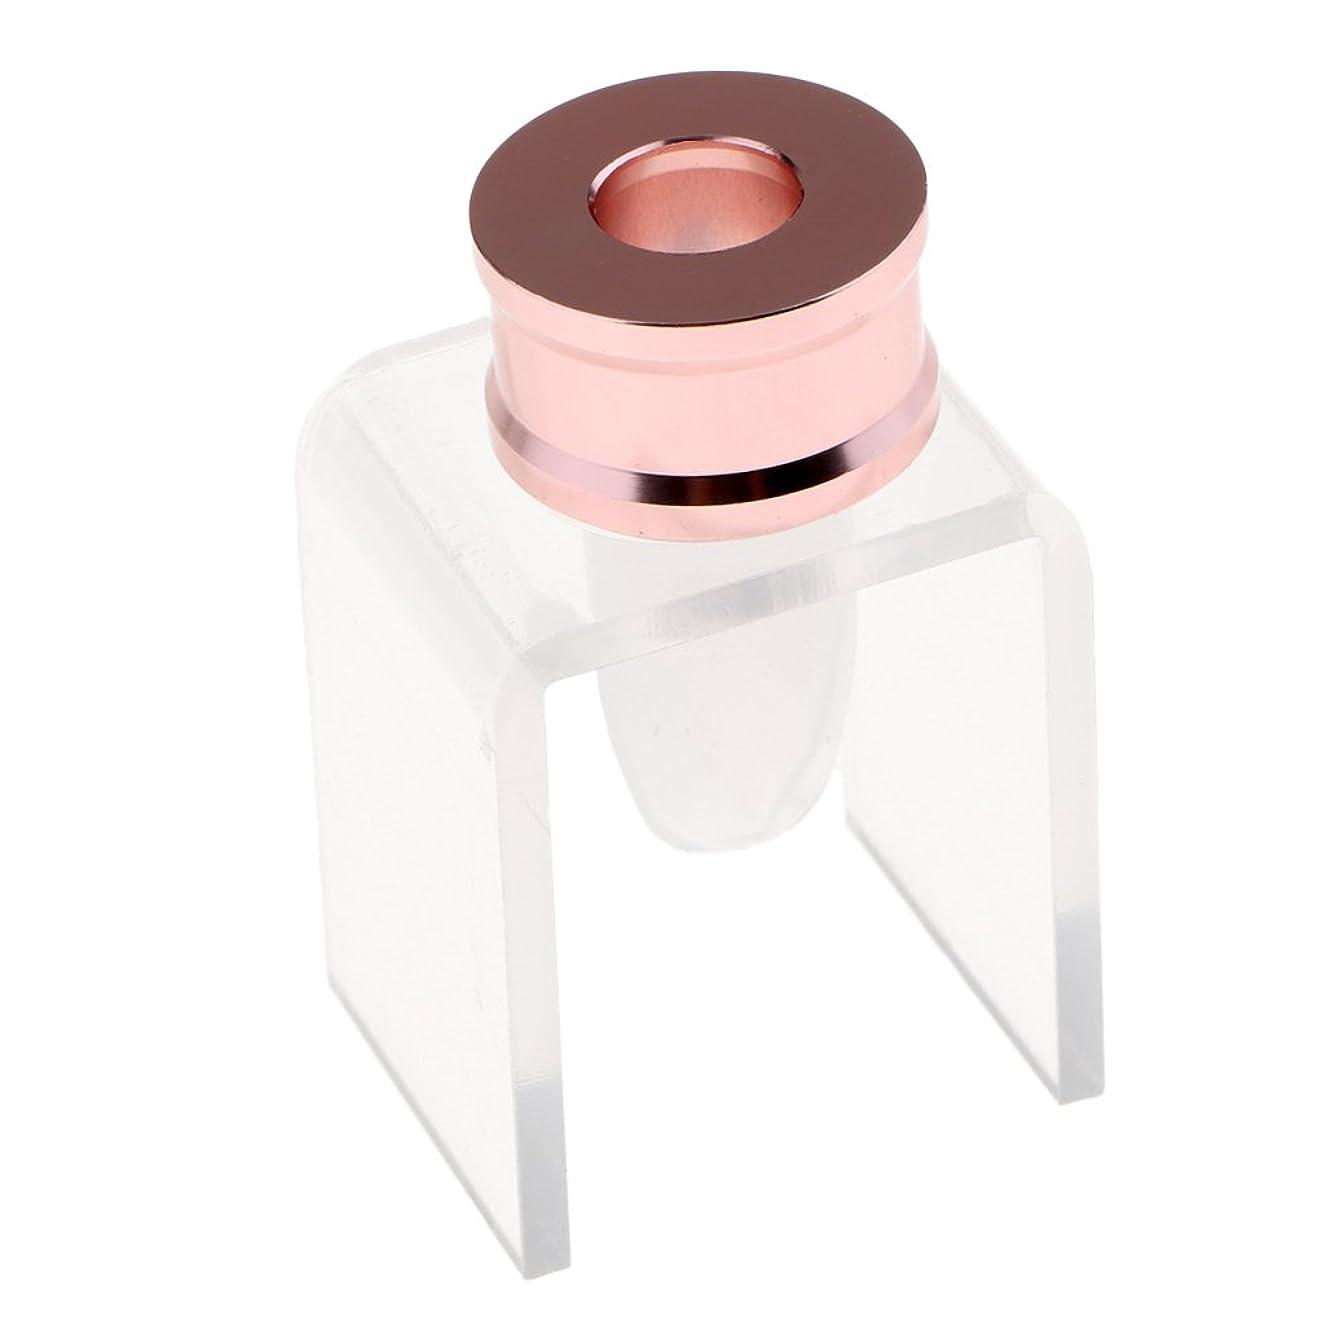 公どこ膨張するCUTICATE リップスティック DIY 金型ホルダー 口紅リング リップバーム シリコン 12.1mmチューブ 全7タイプ - #5